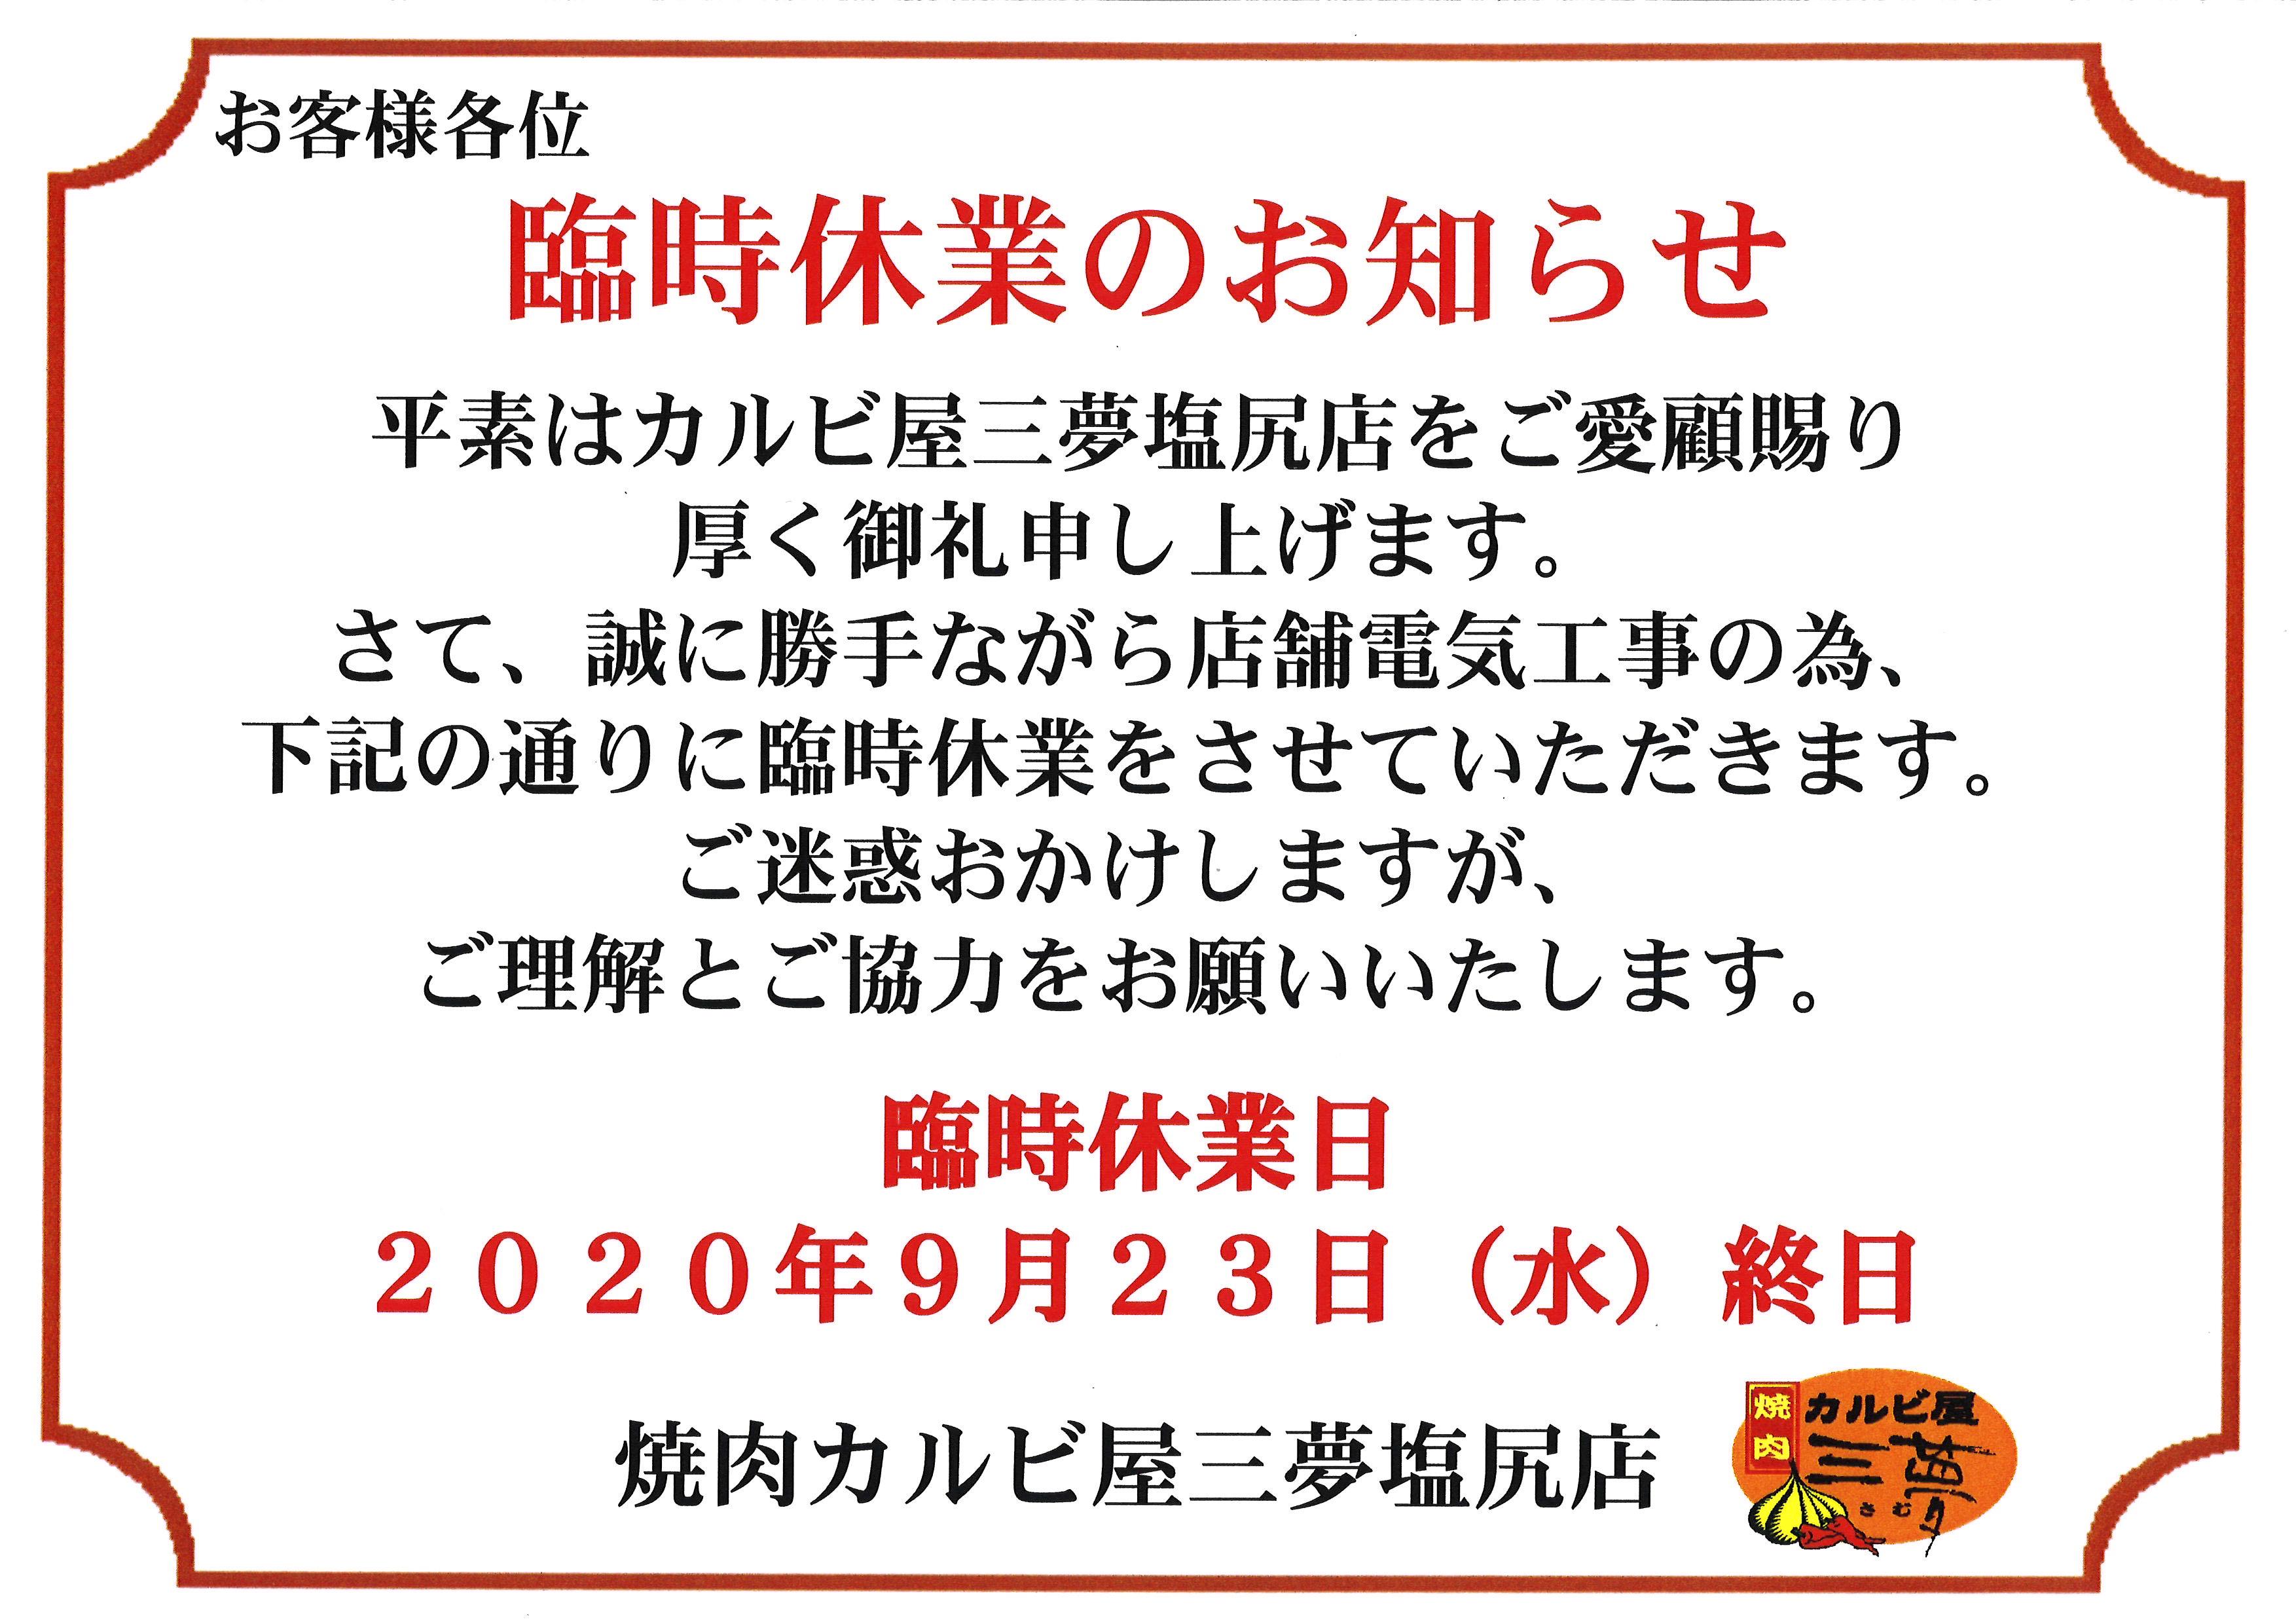 カルビ屋三夢塩尻店臨時休業します。